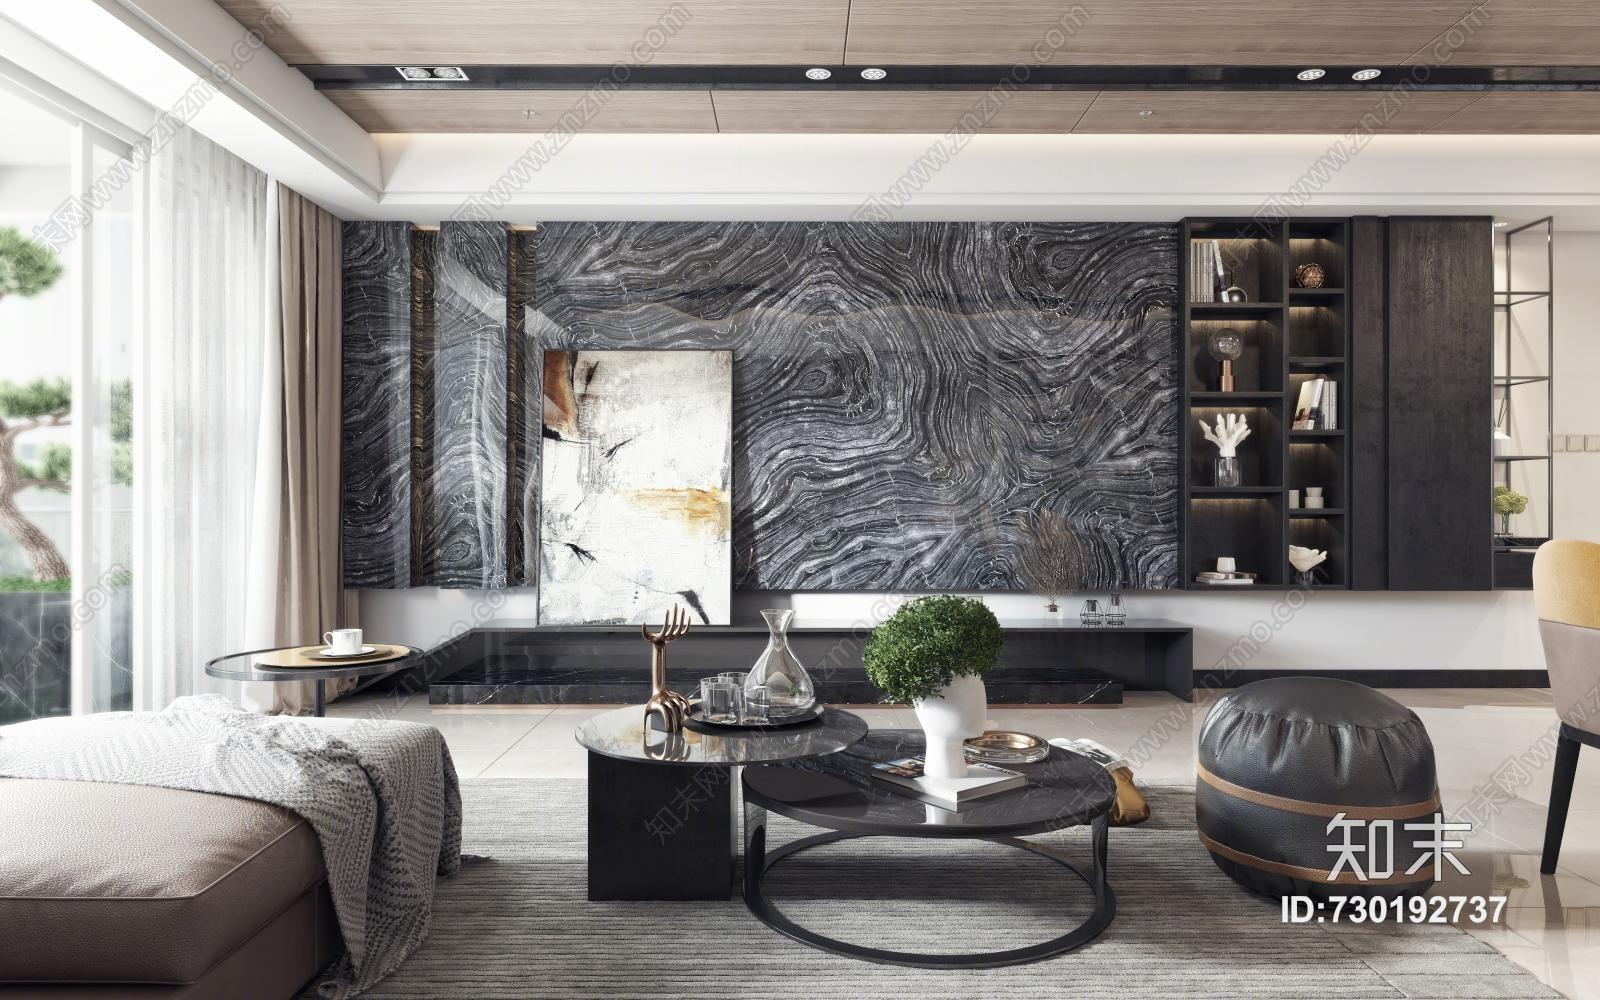 现代客厅 沙发茶几 电视柜 挂画 吊灯 餐桌椅